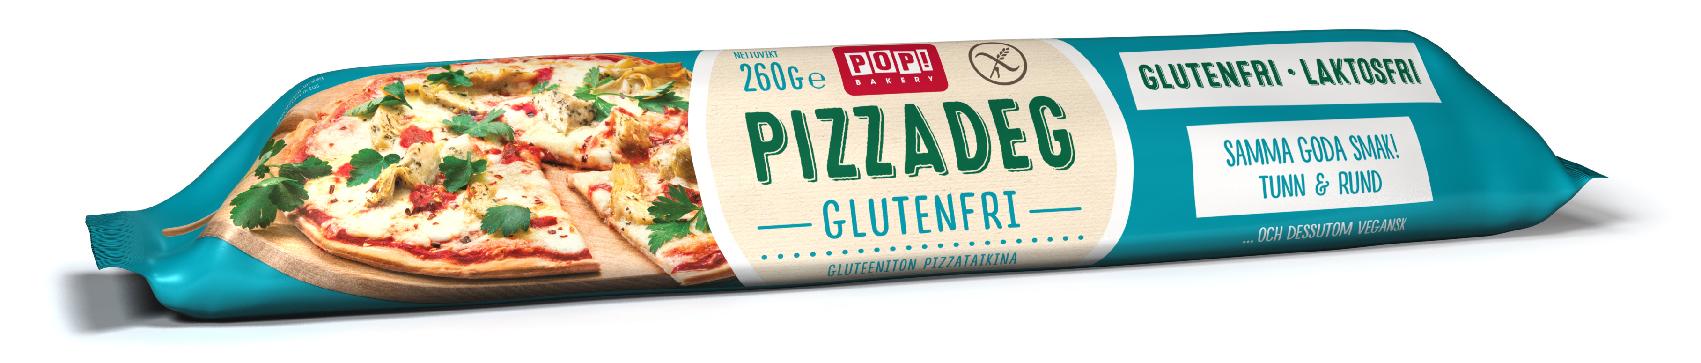 Pizzadeg Glutenfri Vinkel Main